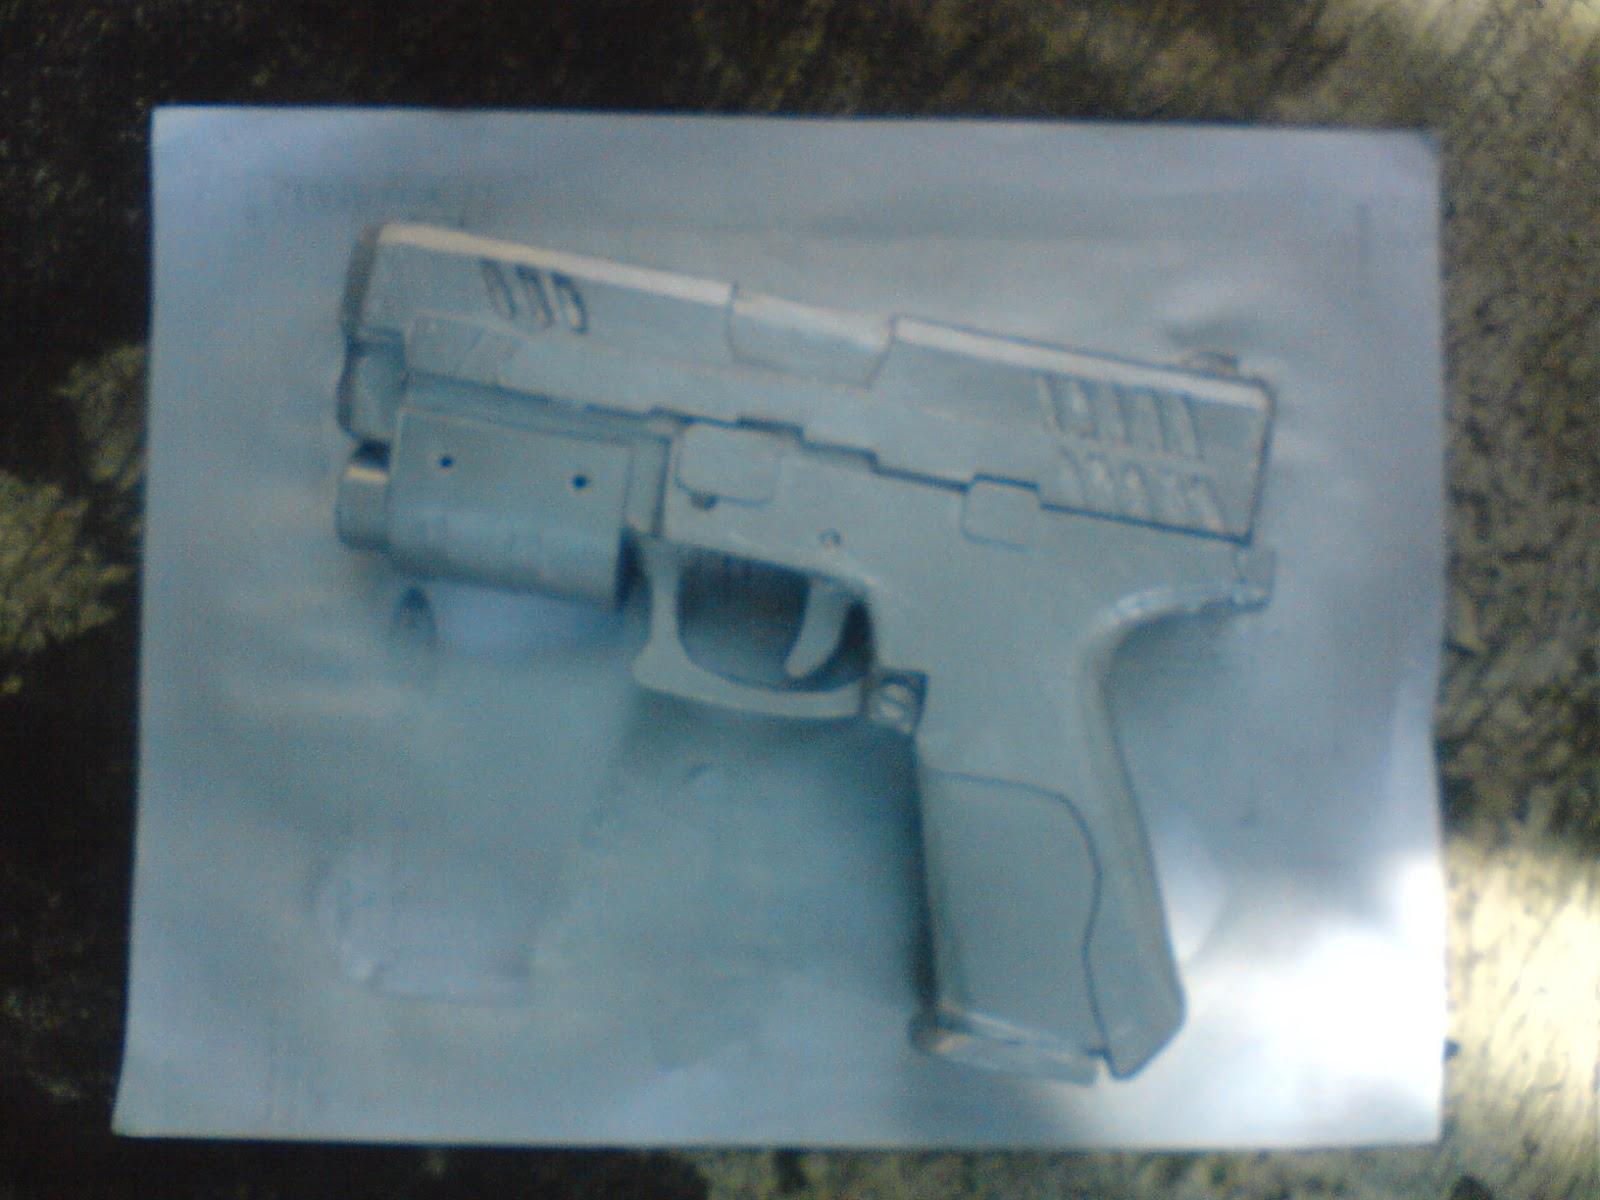 Pistola Blacktail - Resident Evil DSC04489